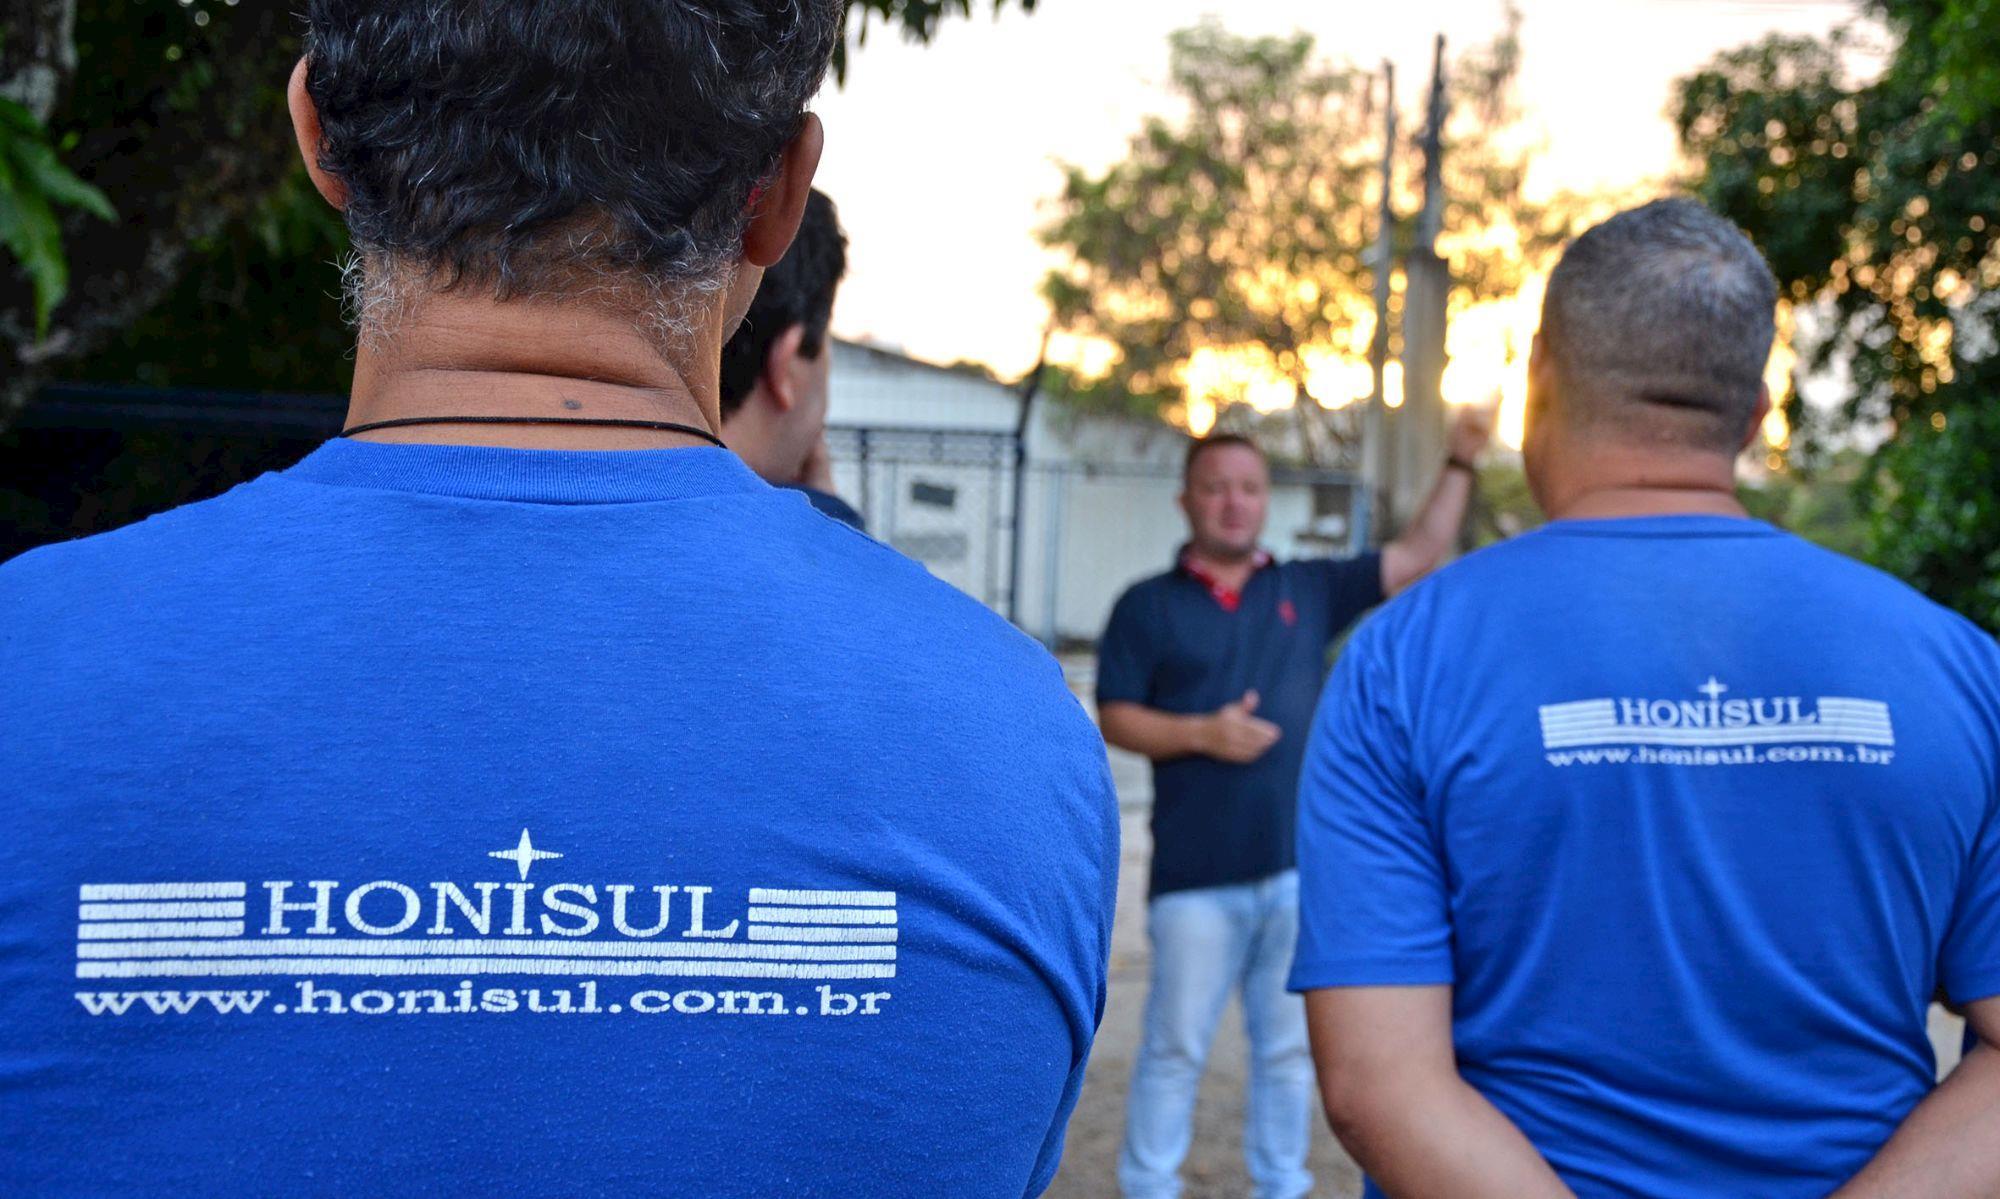 honisul, grupo 10, campanha, reajuste, smetal, , Arquivo/ Daniela Gaspari - Imprensa SMetal